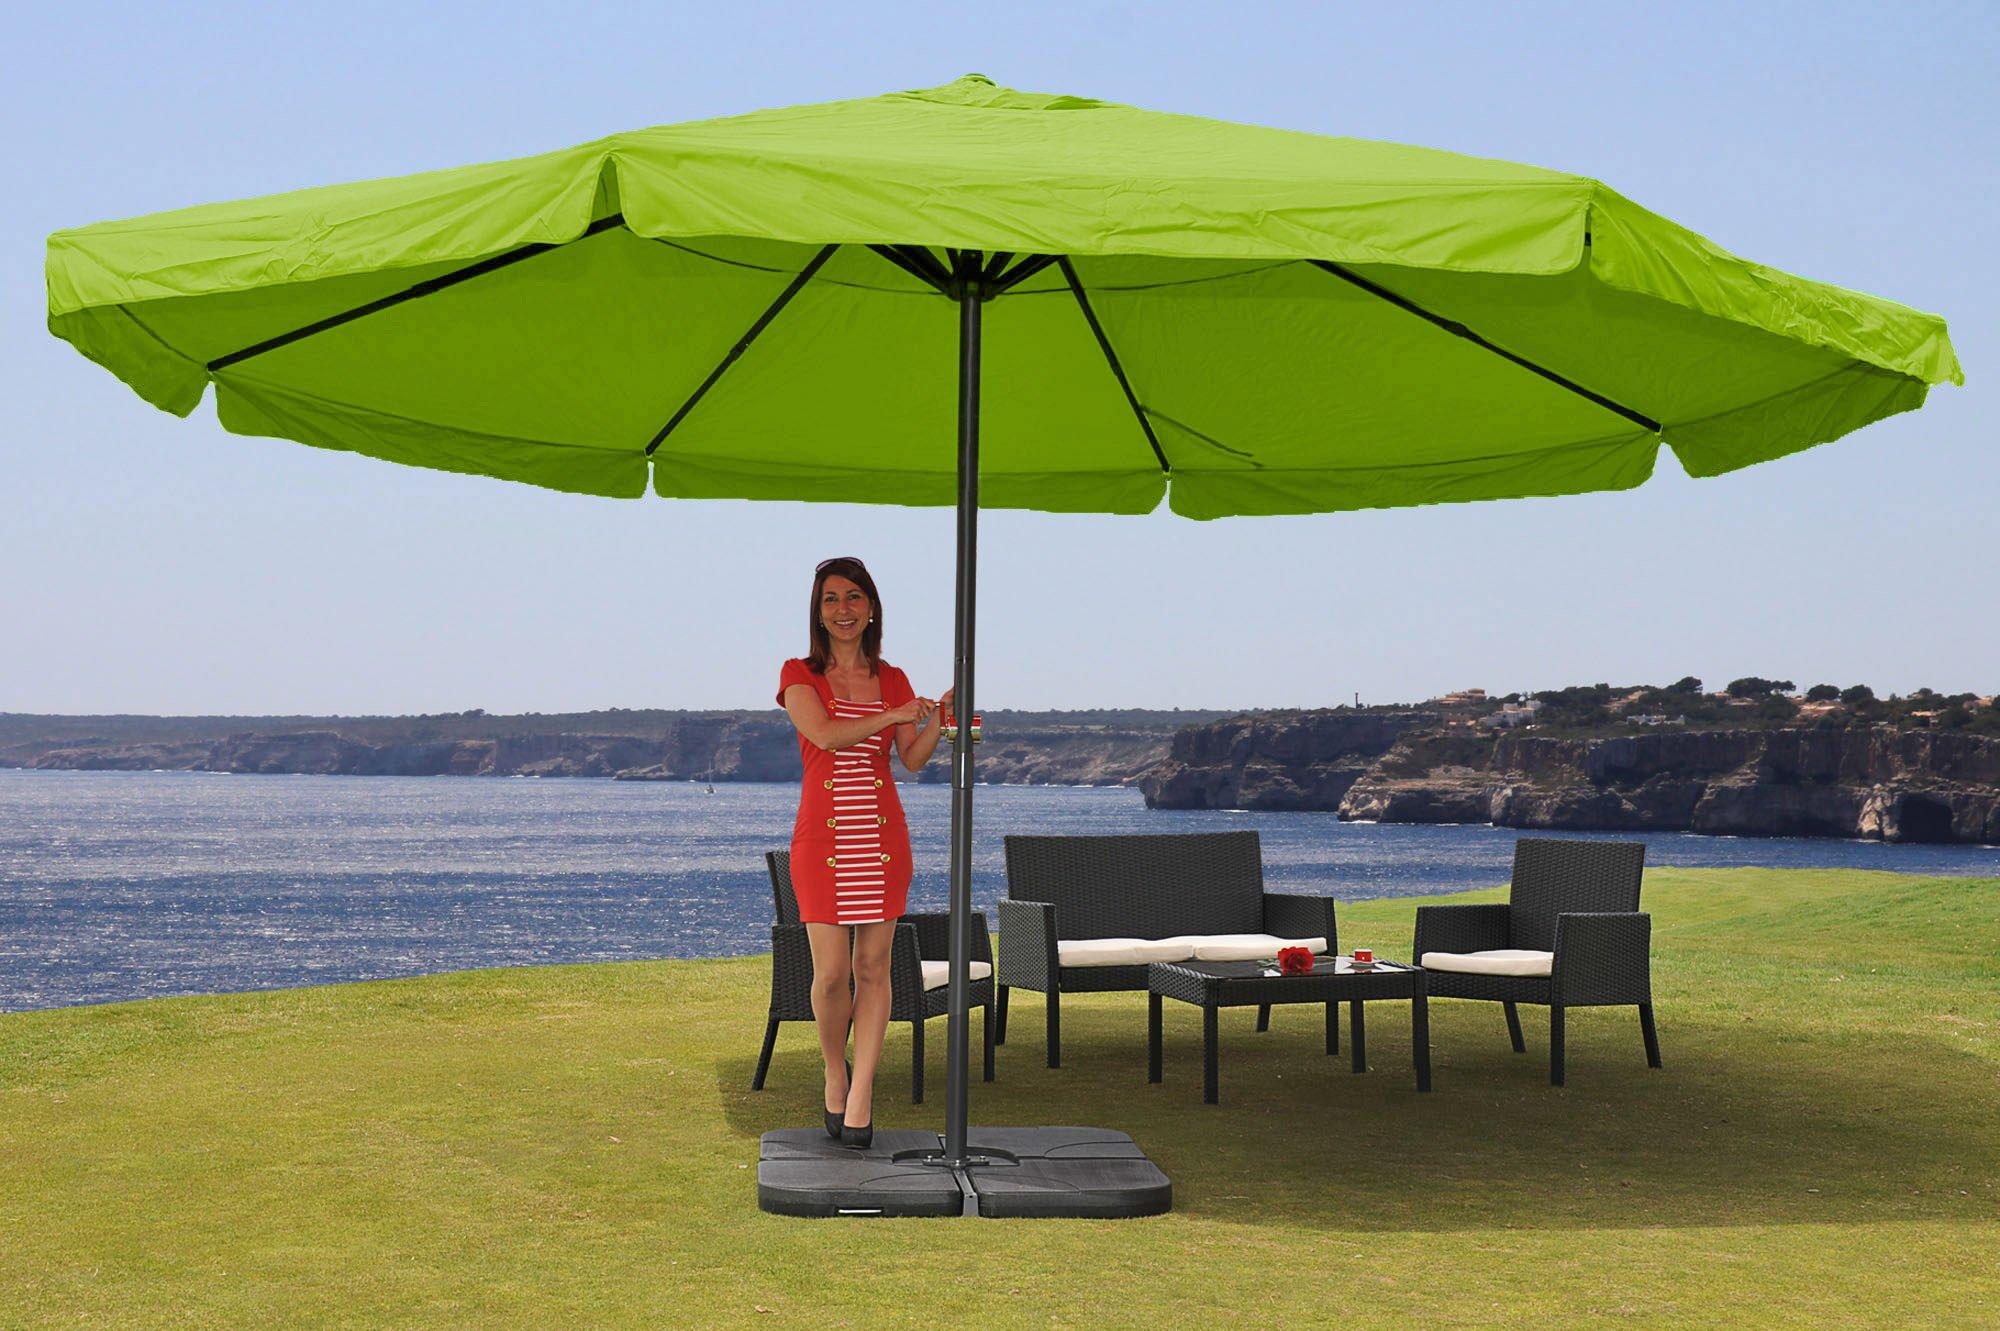 Supporti Per Ombrelloni Da Giardino.Ombrellone Da Giardino Misty Ii Con Supporto Diametro 5m In Verde